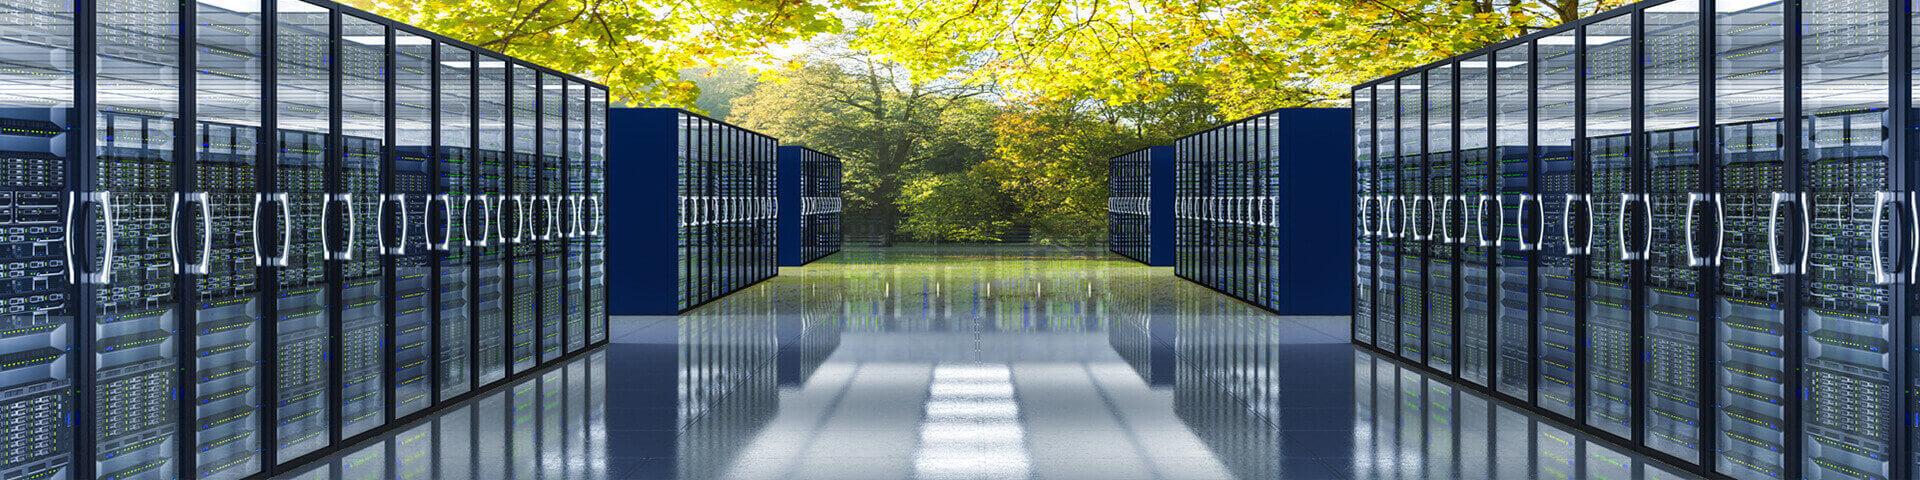 Data centers diseñados pensando en el respeto al medio ambiente, mejorando la eficiencia energética de la refrigeración.